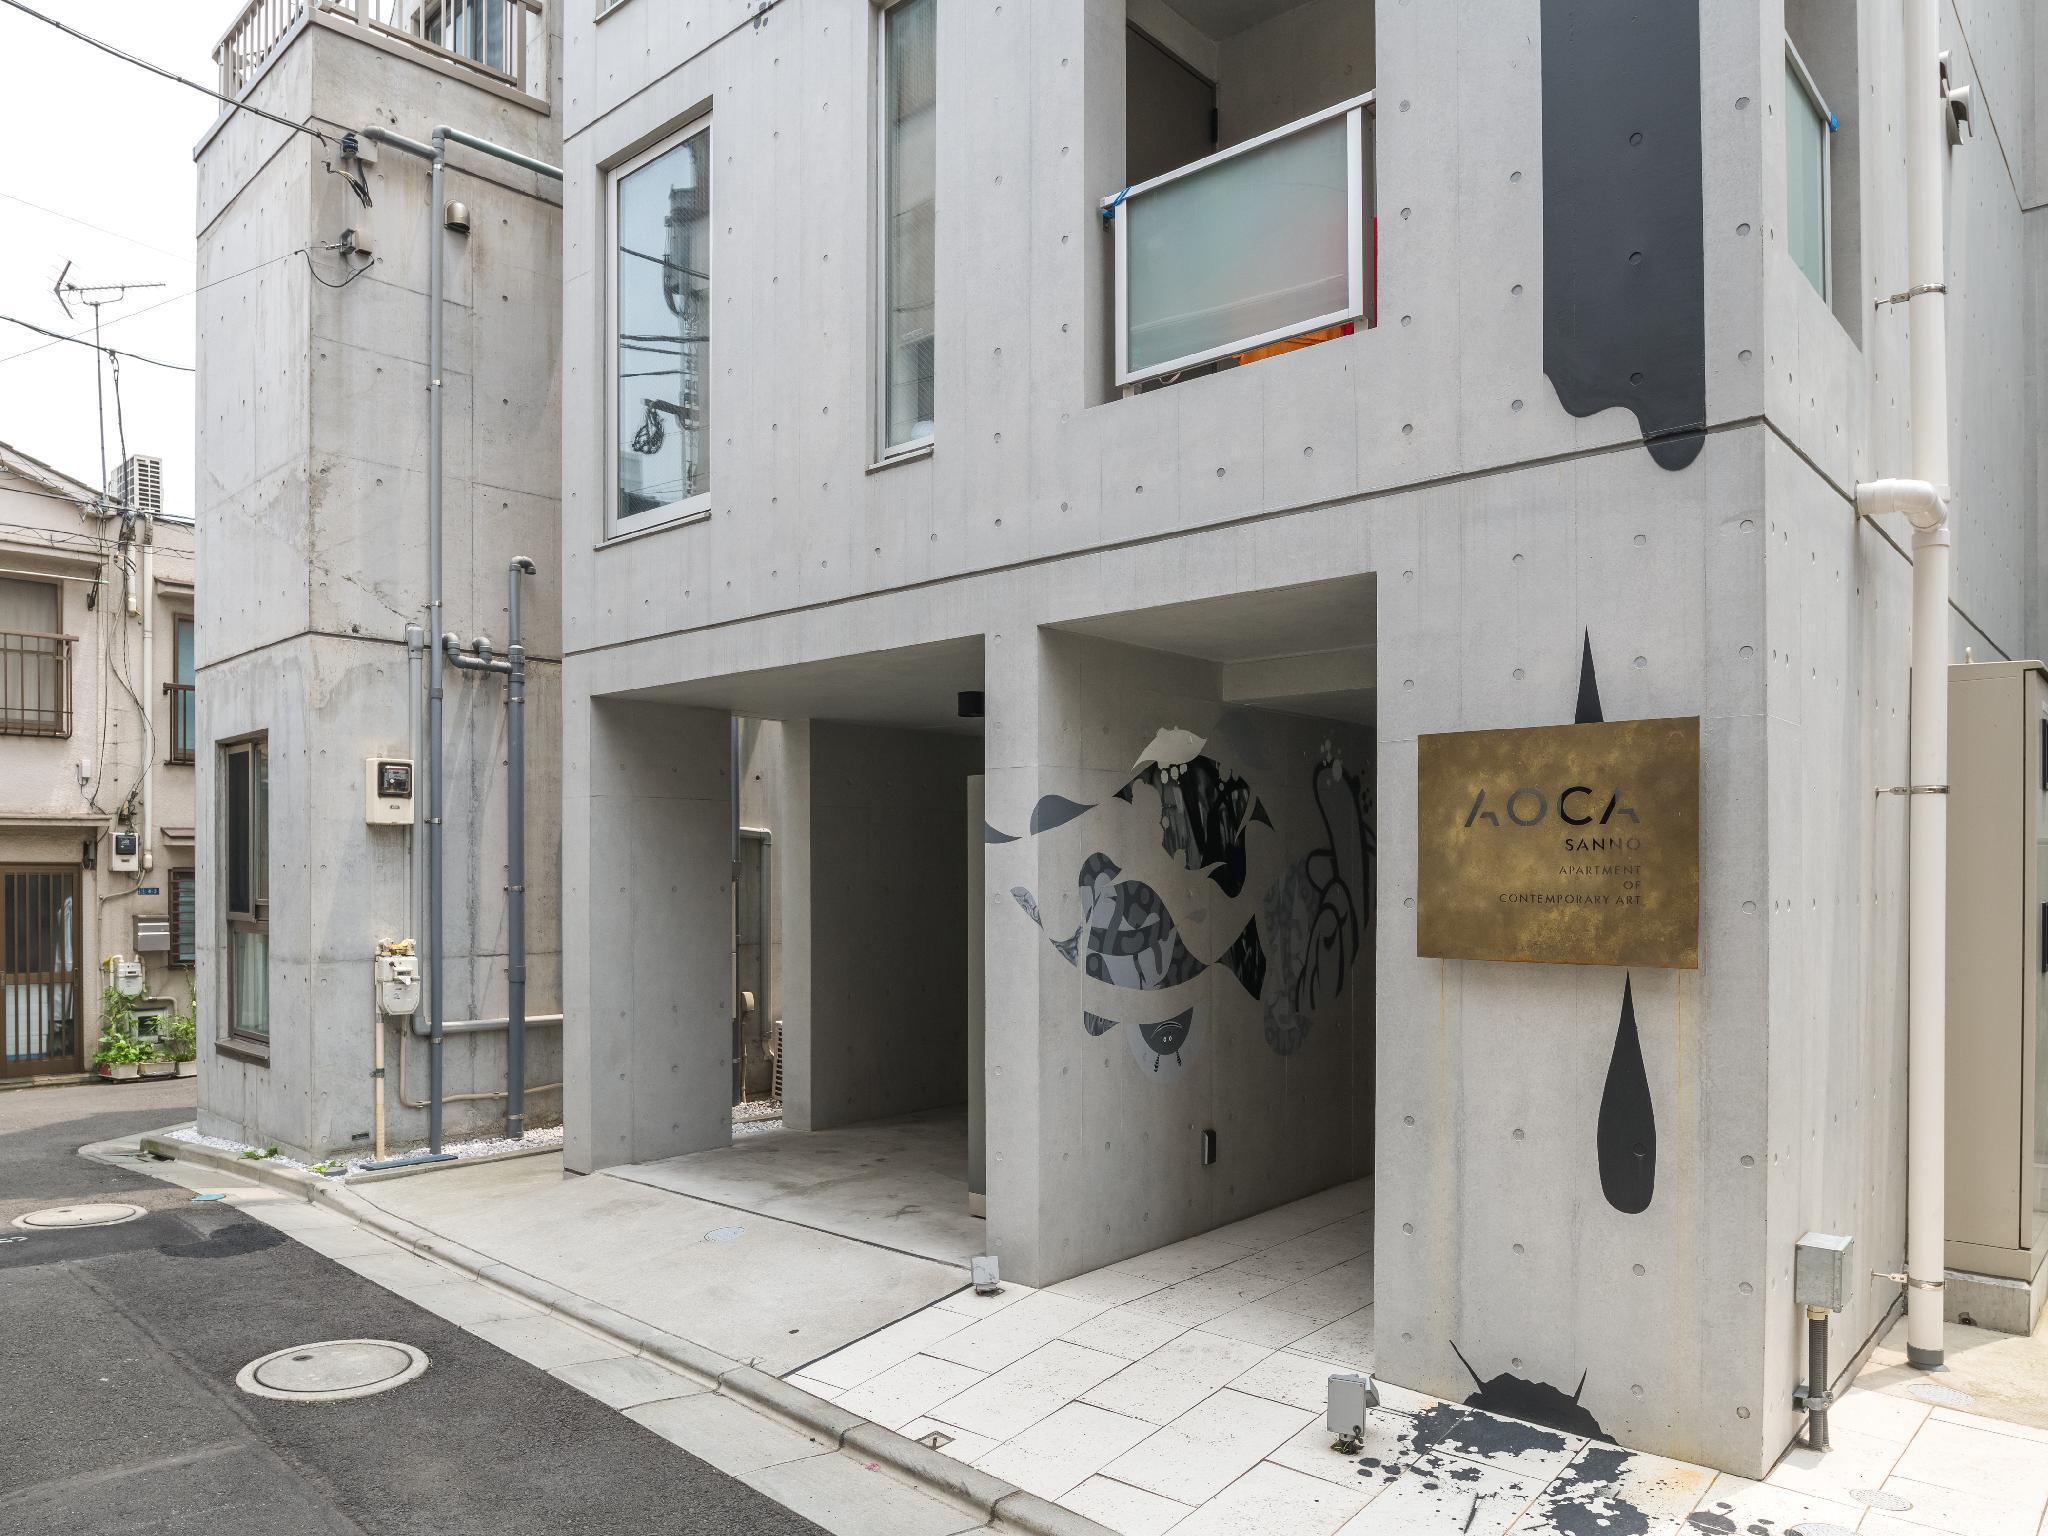 4ppl 2Bed FreeWiFi Kitchen Shibuya Shinagawa  2A